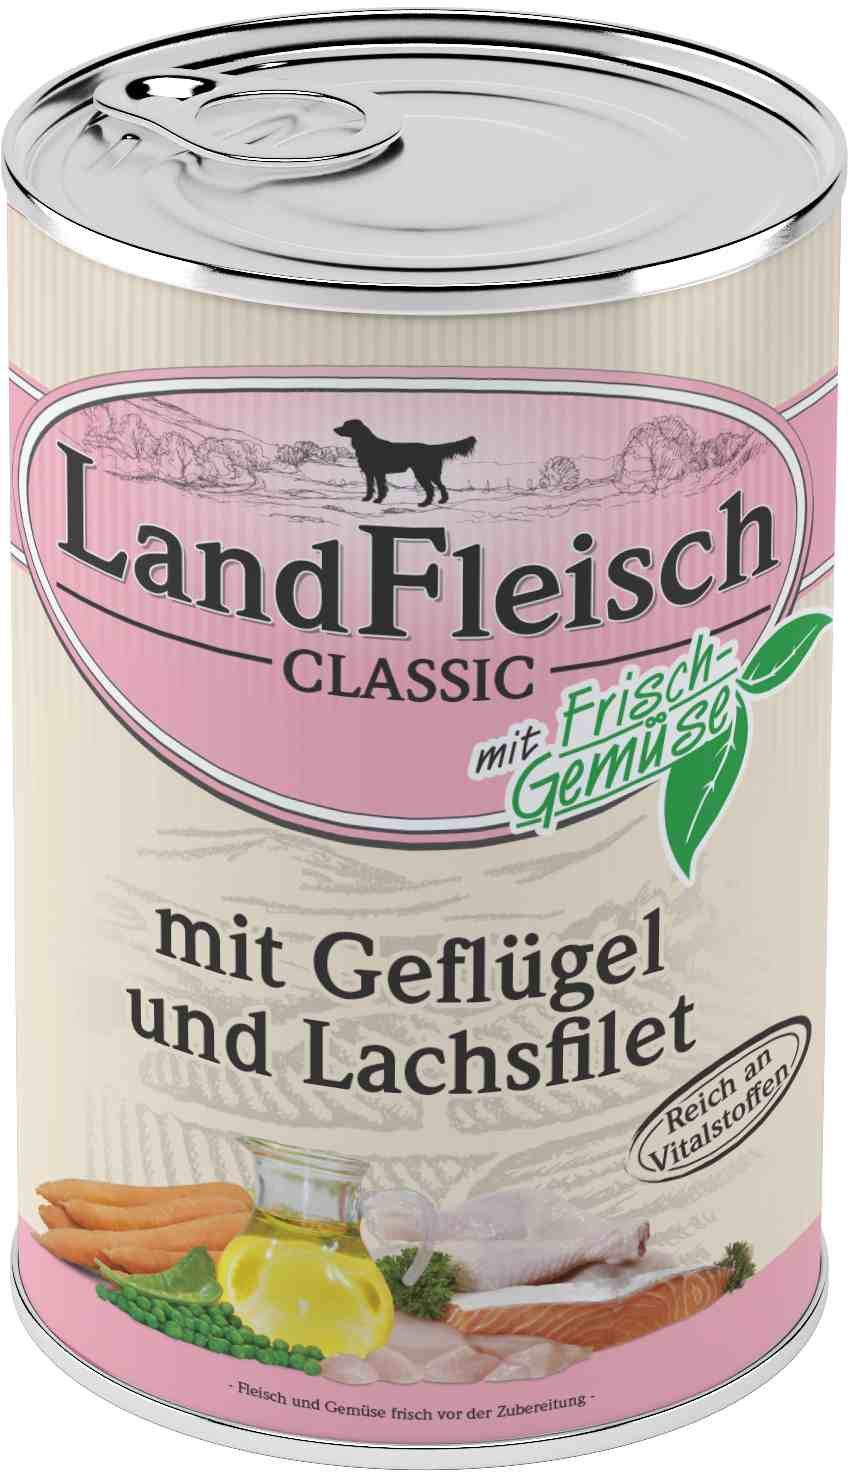 Landfleisch Dog Classic Geflügel, Lachsfilet 400g